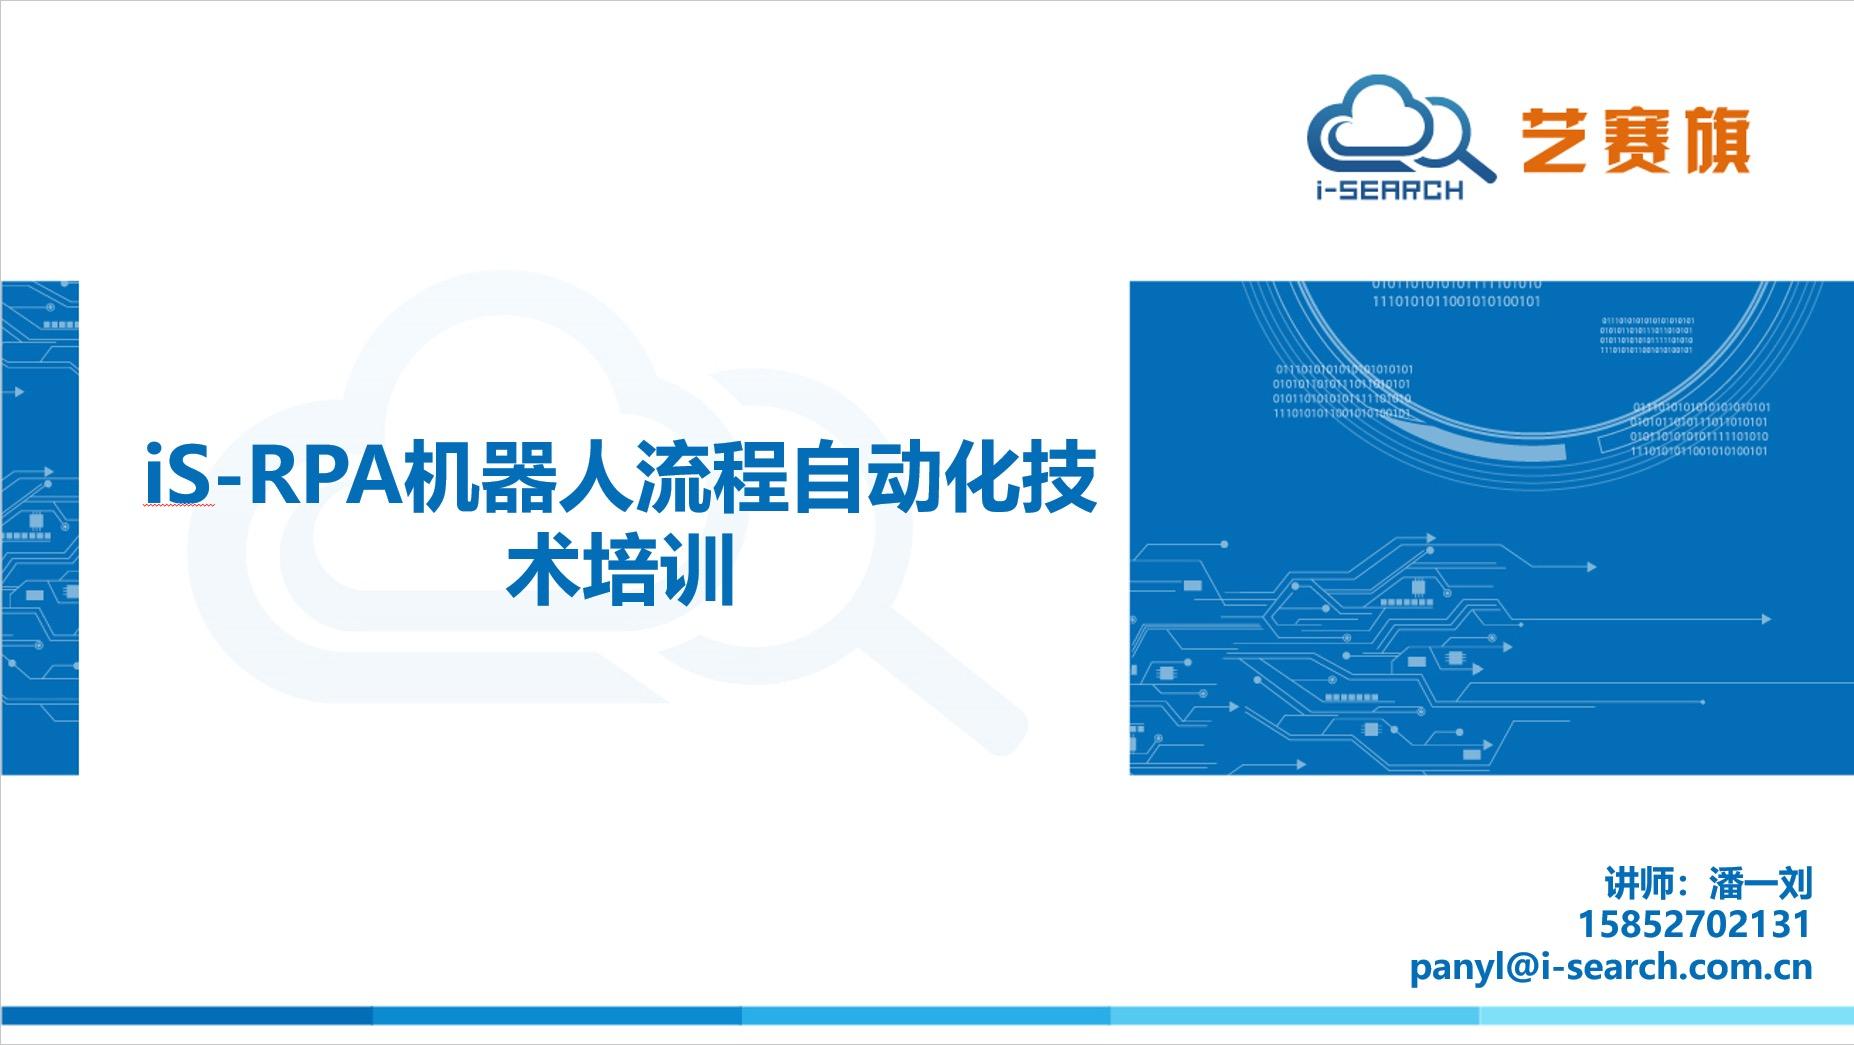 iS-RPA机器人流程自动化技术培训(二)